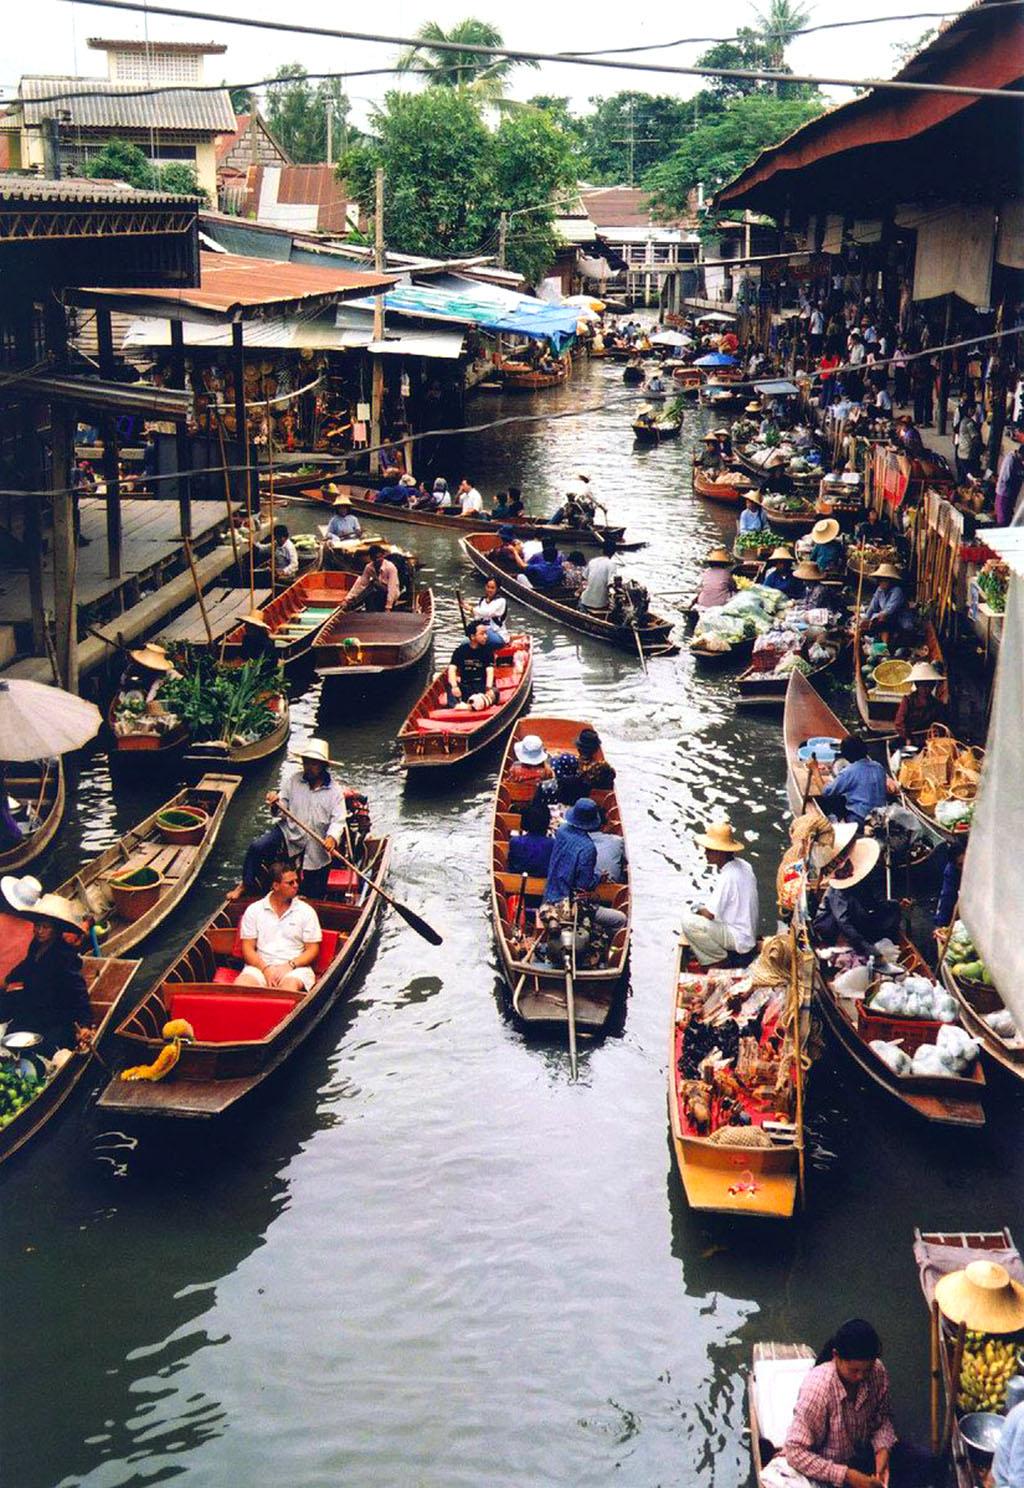 Qué hacer en Bangkok, qué ver en Bangkok, Tailandia qué hacer en bangkok - 40578968191 7bdd8bb0f1 o - Qué hacer en Bangkok para descubrir su estilo de vida